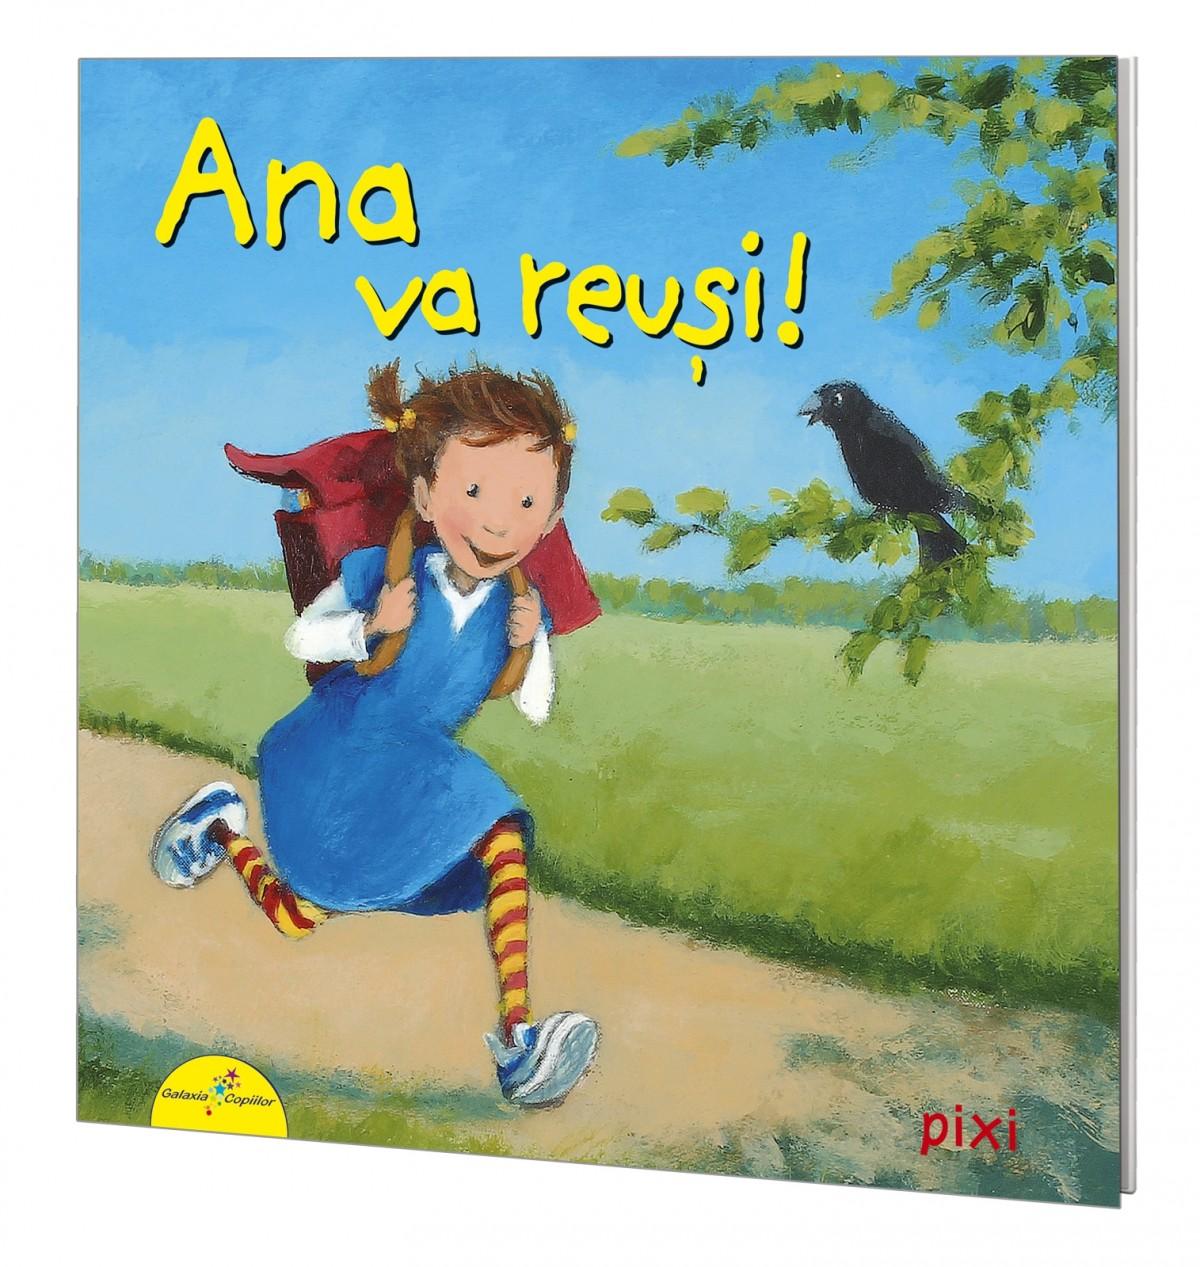 PIXI. Ana va reuși!